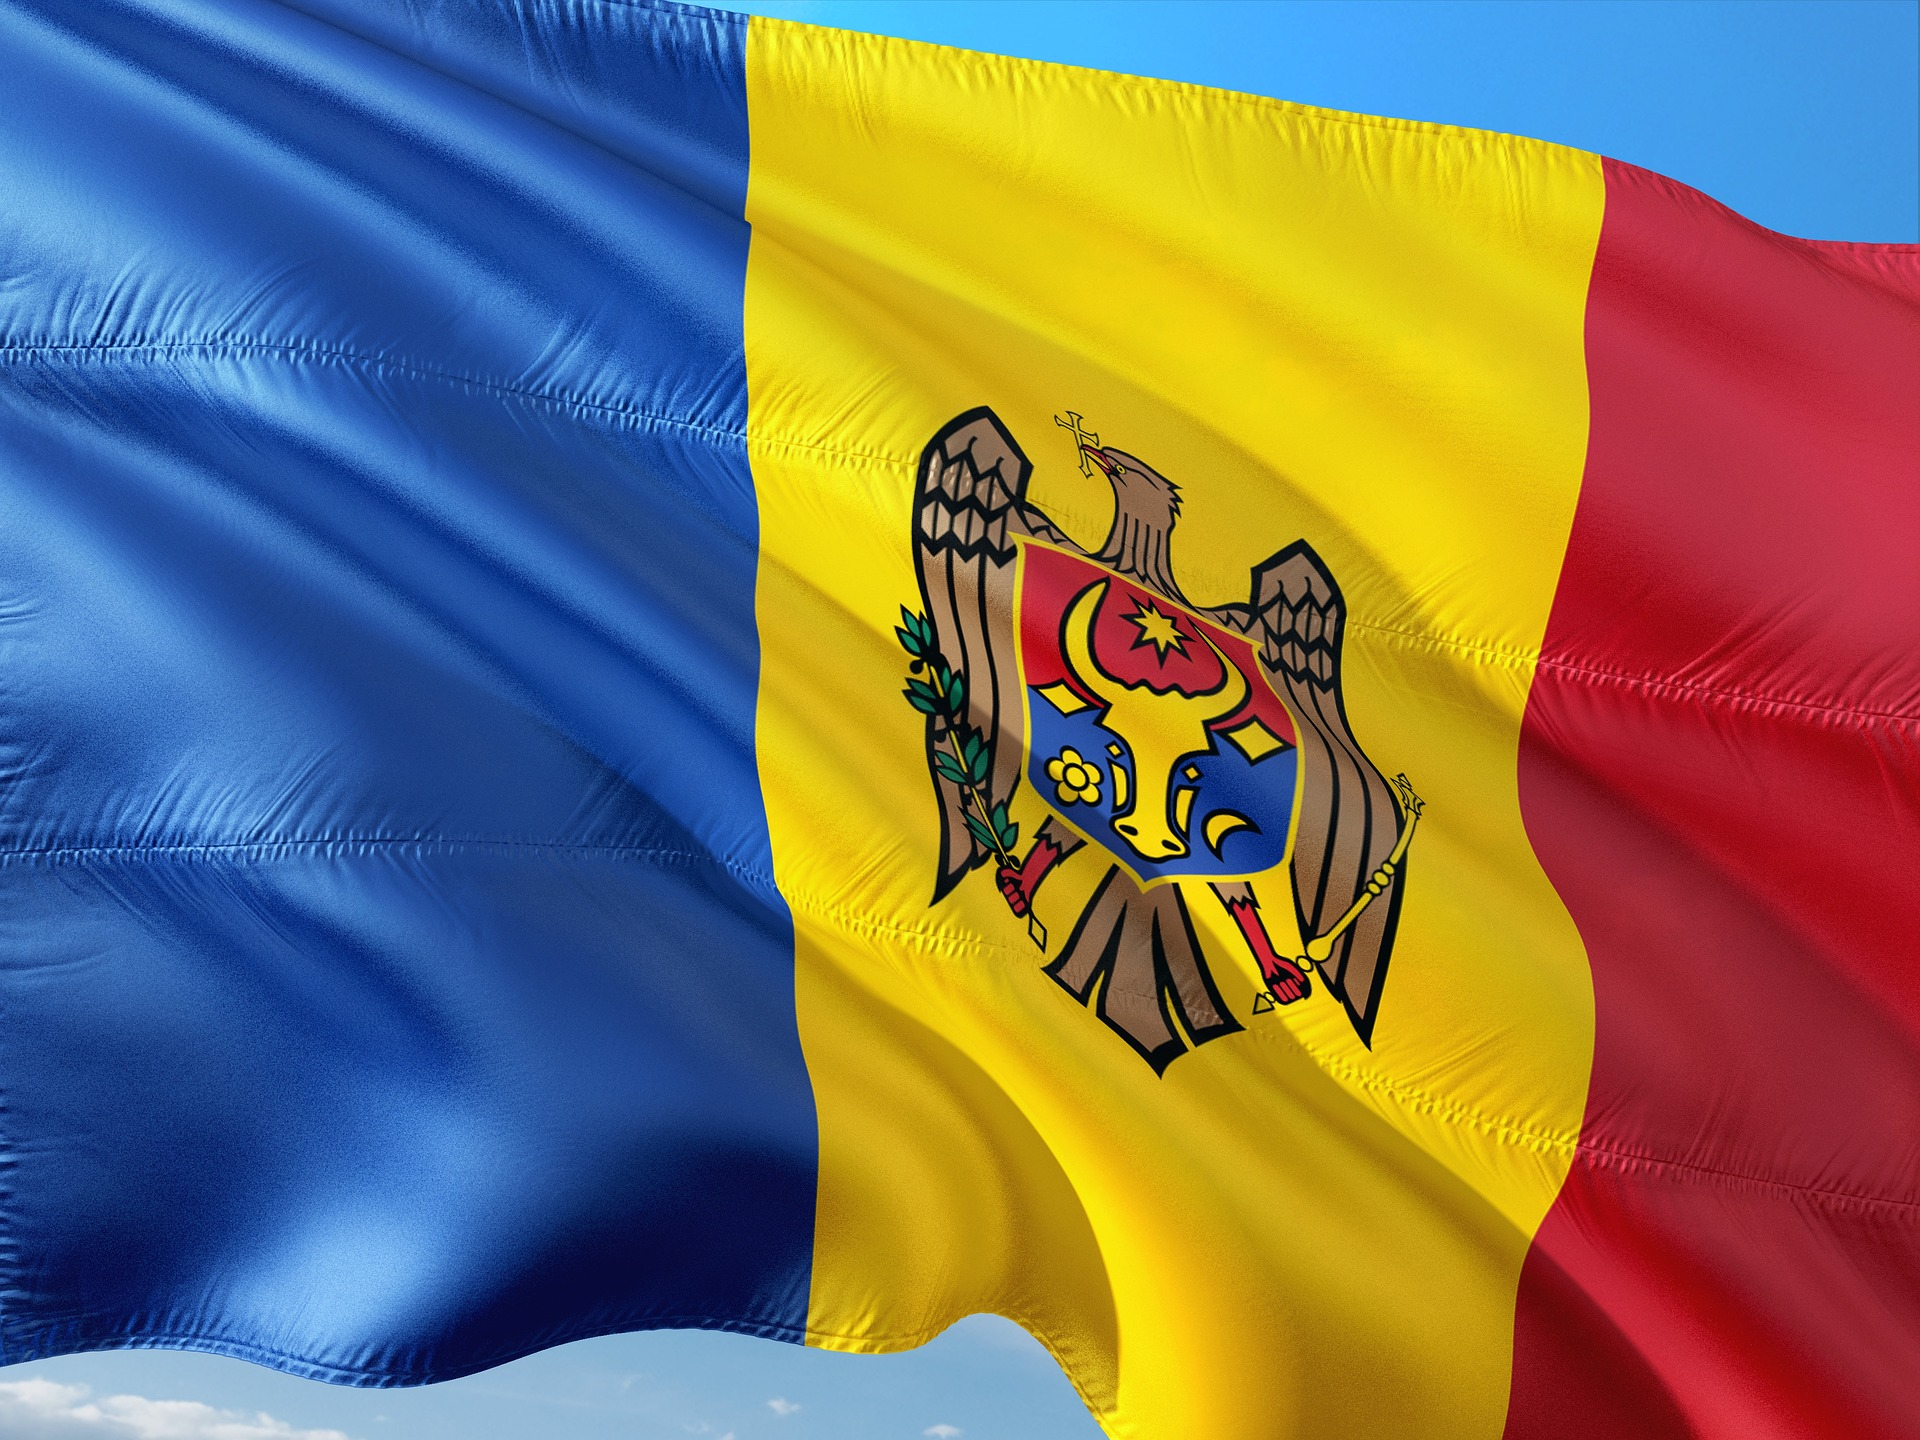 Нострификация образовательных документов из Молдовы